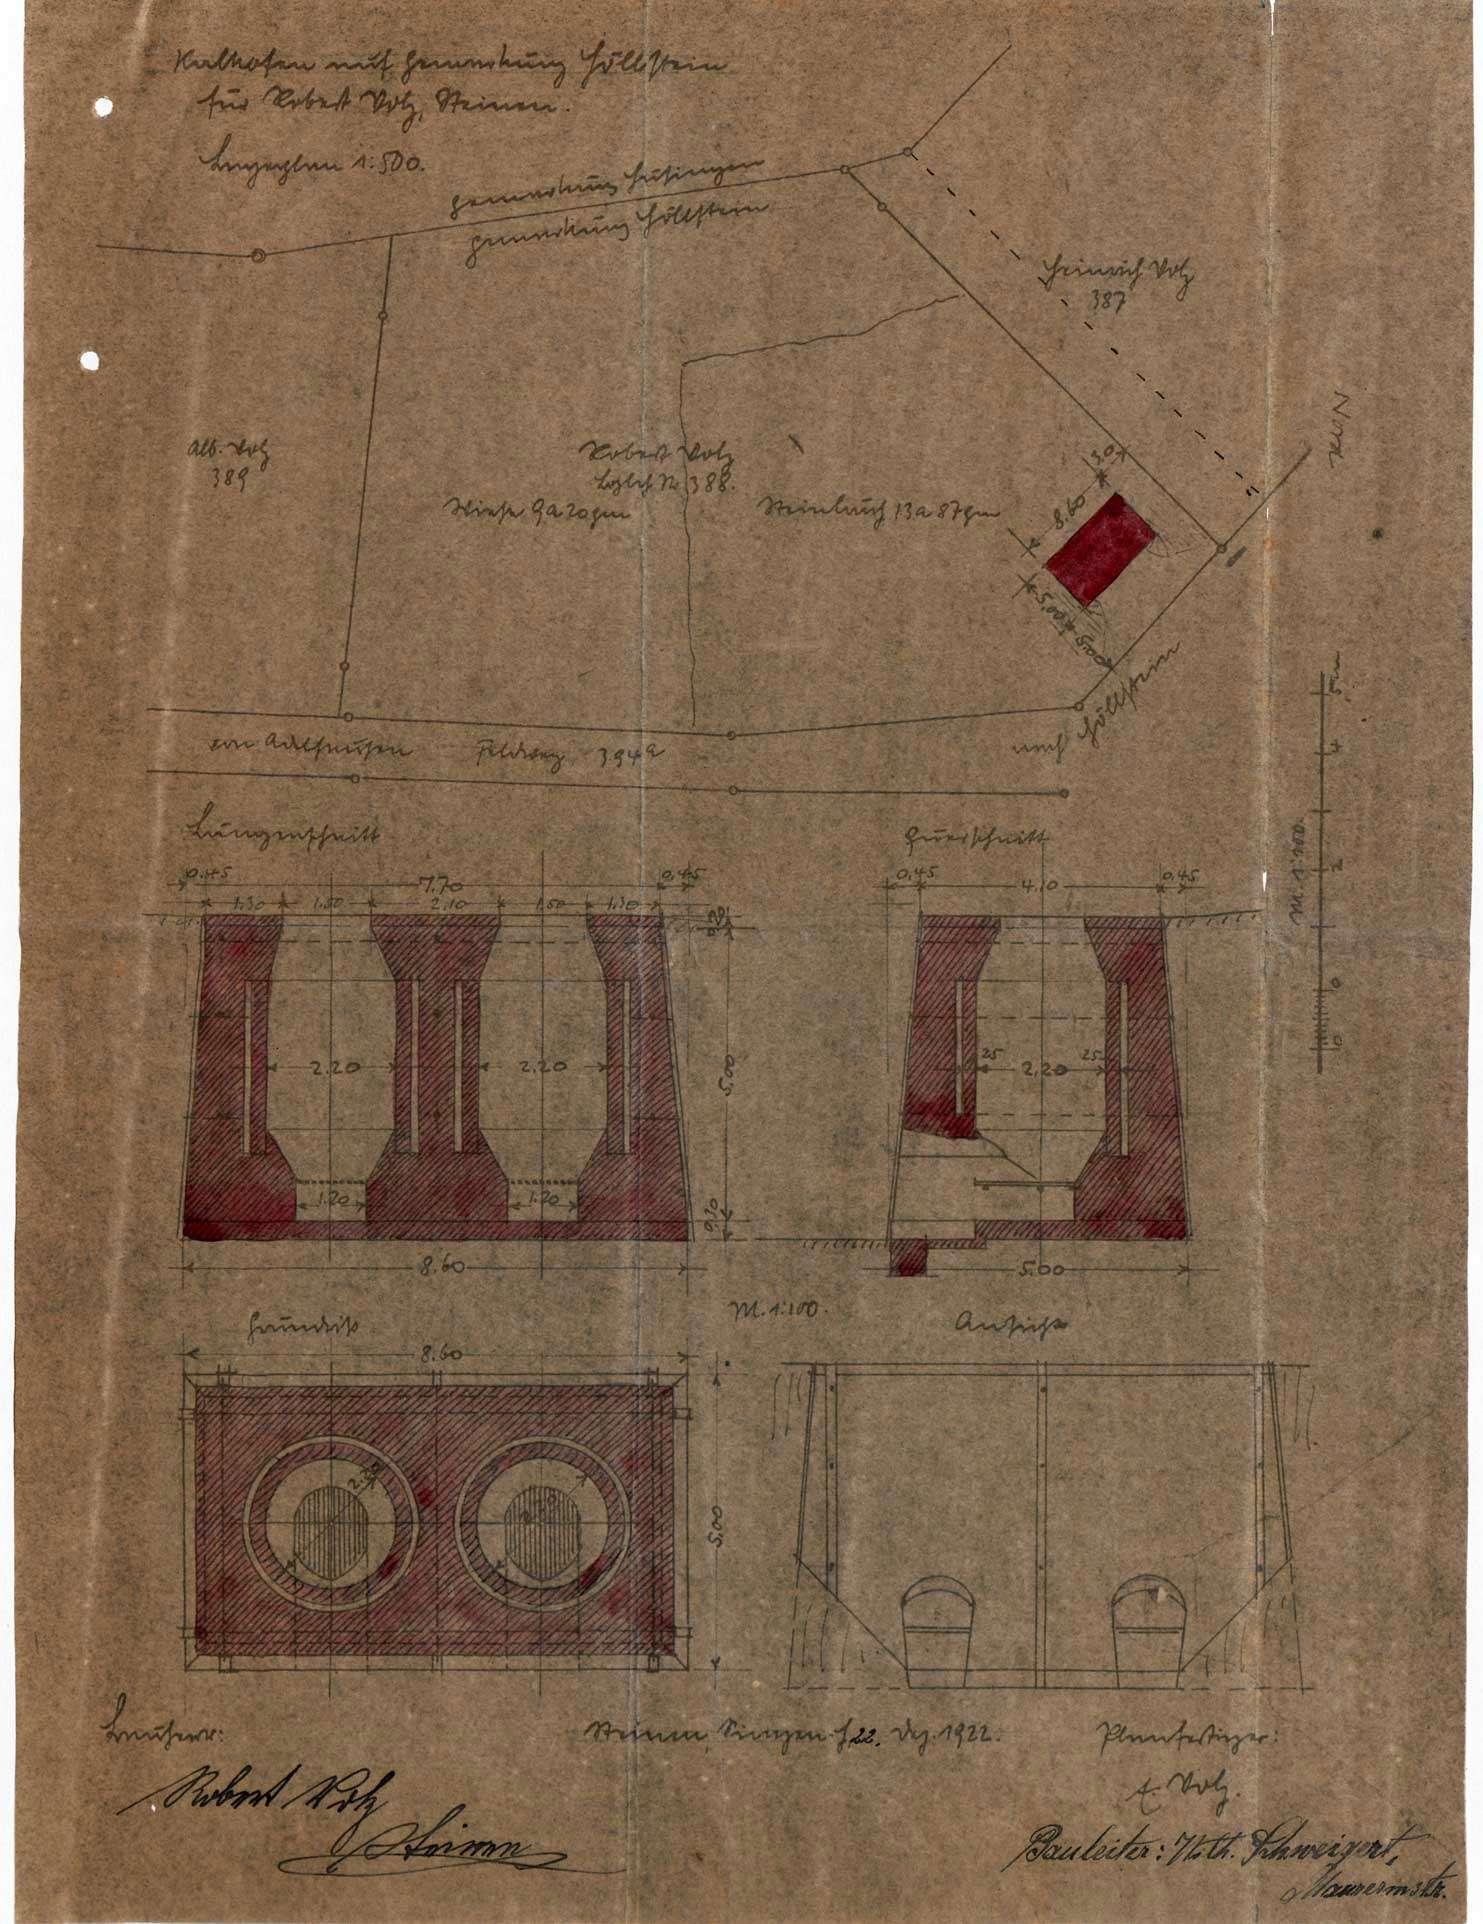 Gesuch des Landwirts Robert Volz von Steinen um Erlaubnis zur Anlegung eines Kalkbrennofens auf Gemarkung Höllstein, Bild 1